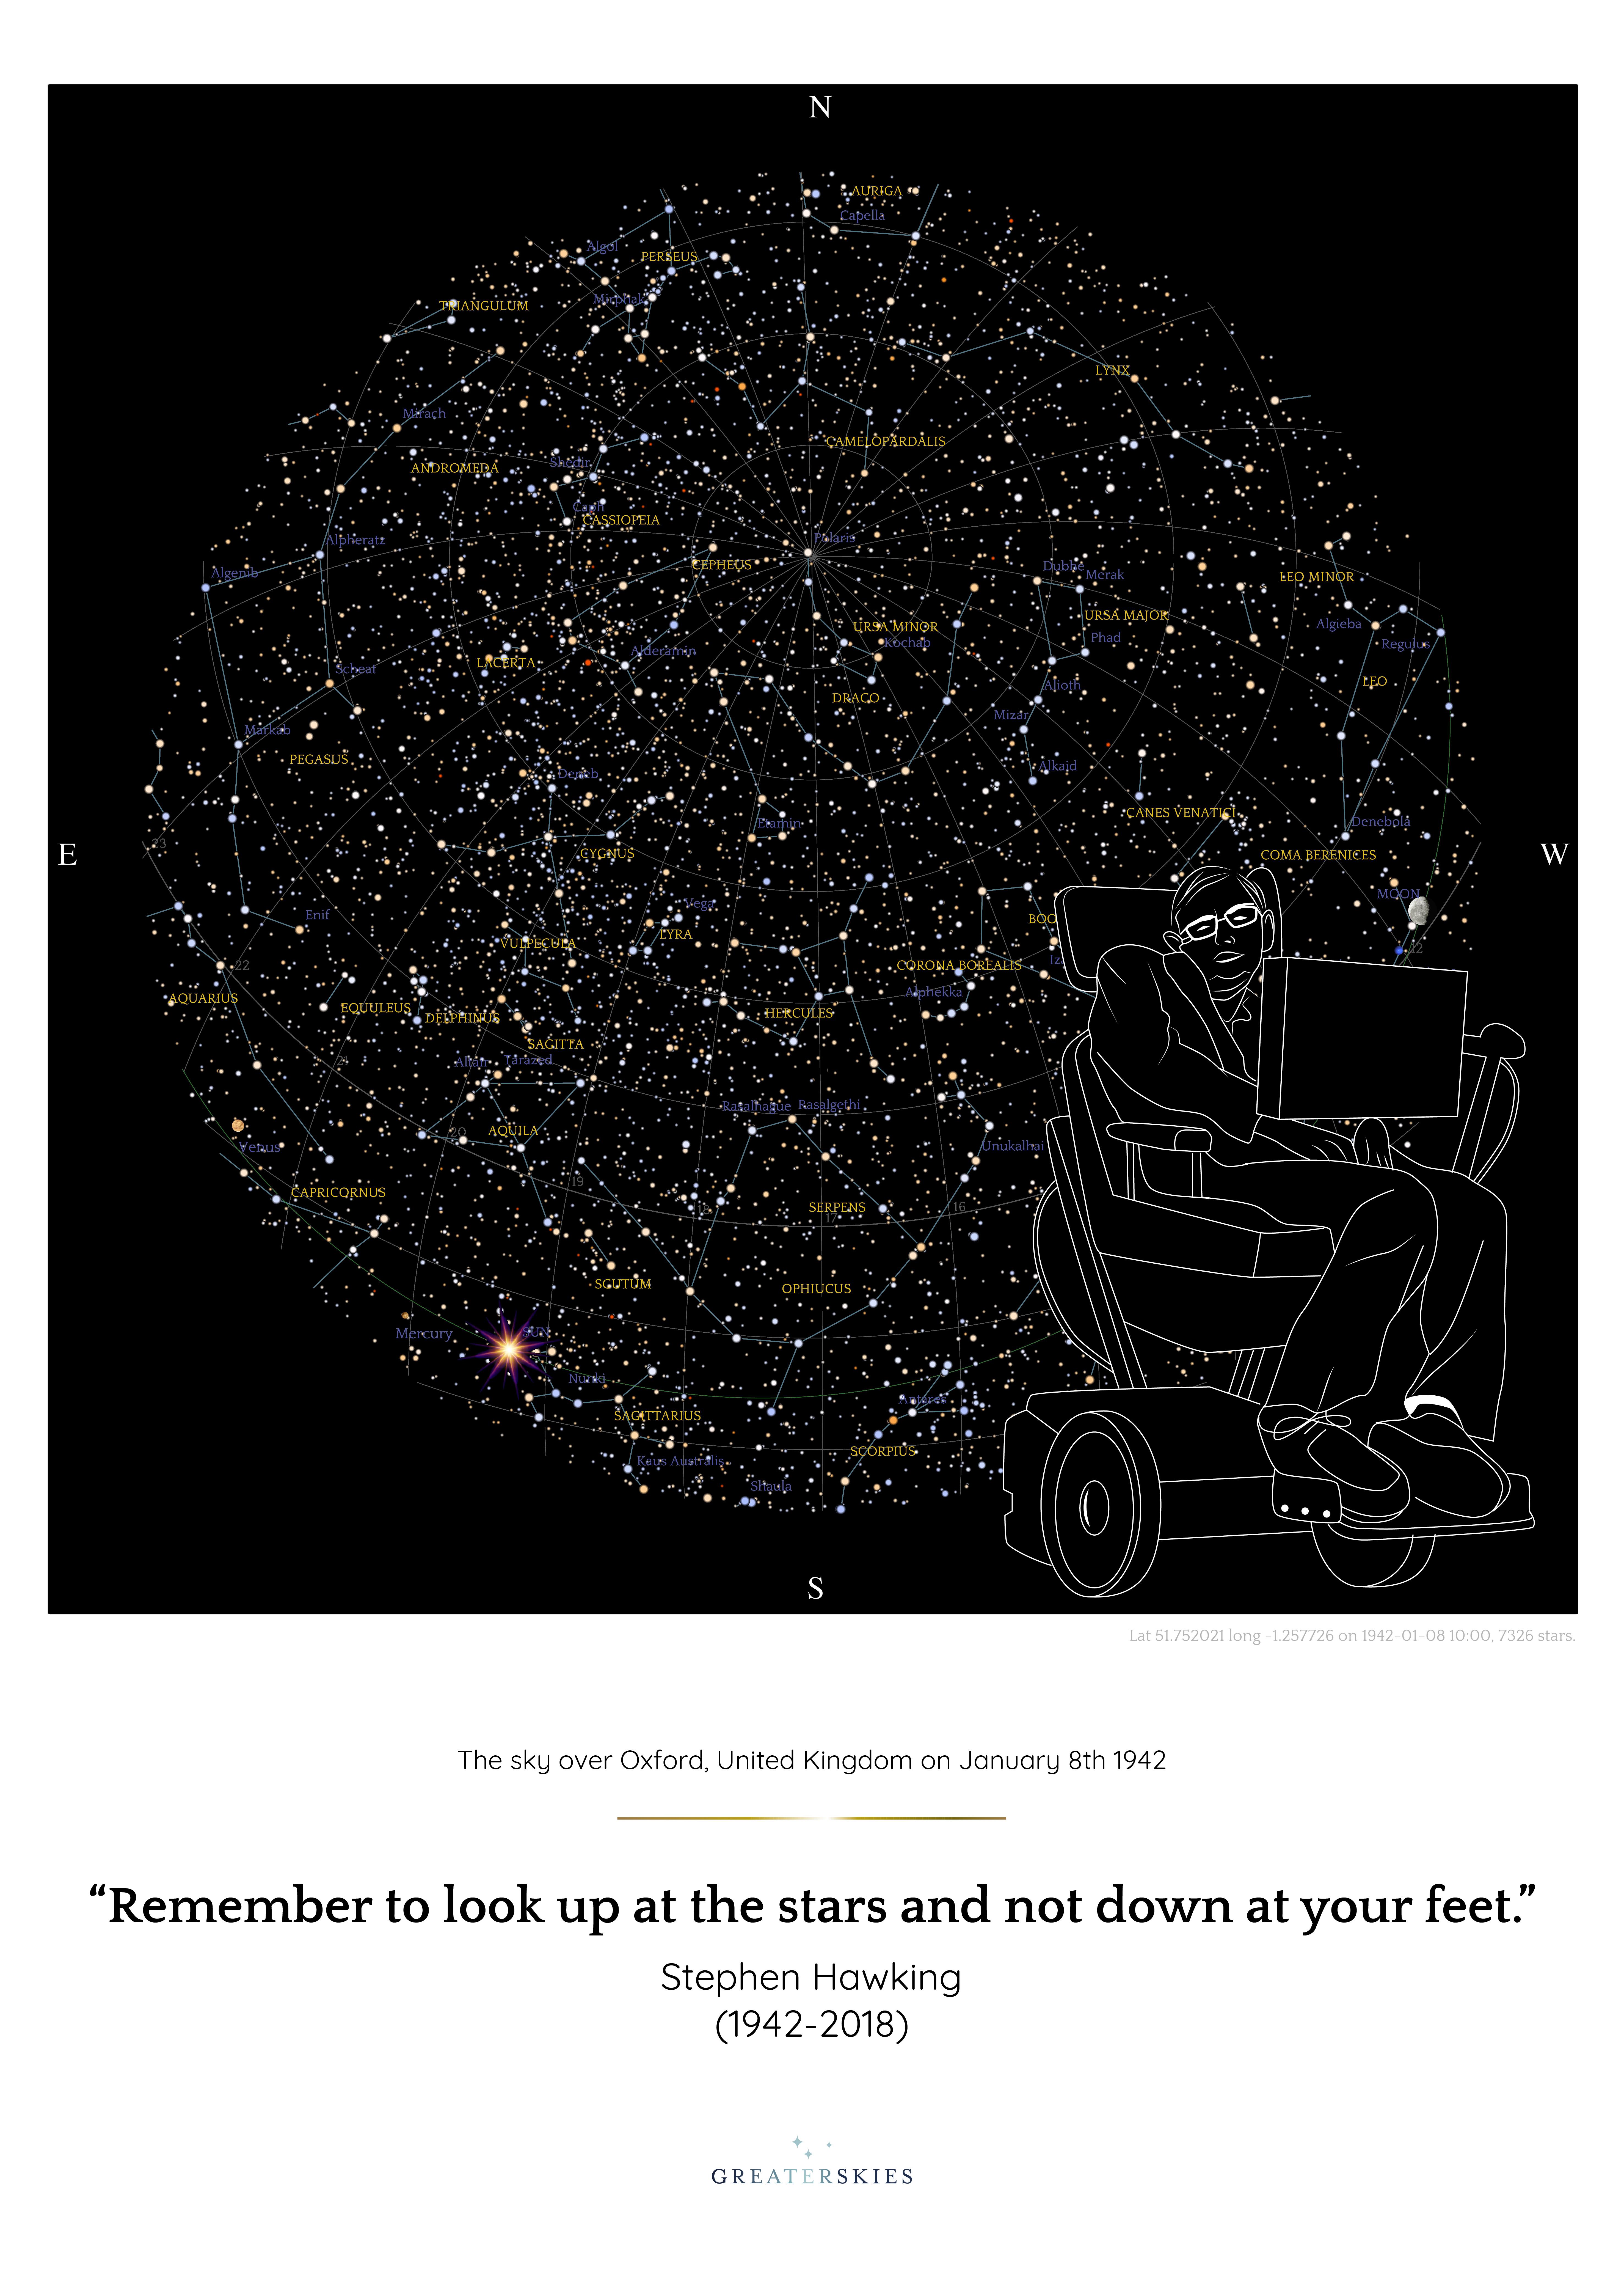 Stephen Hawking Star Map GreaterSkies - Printable star map